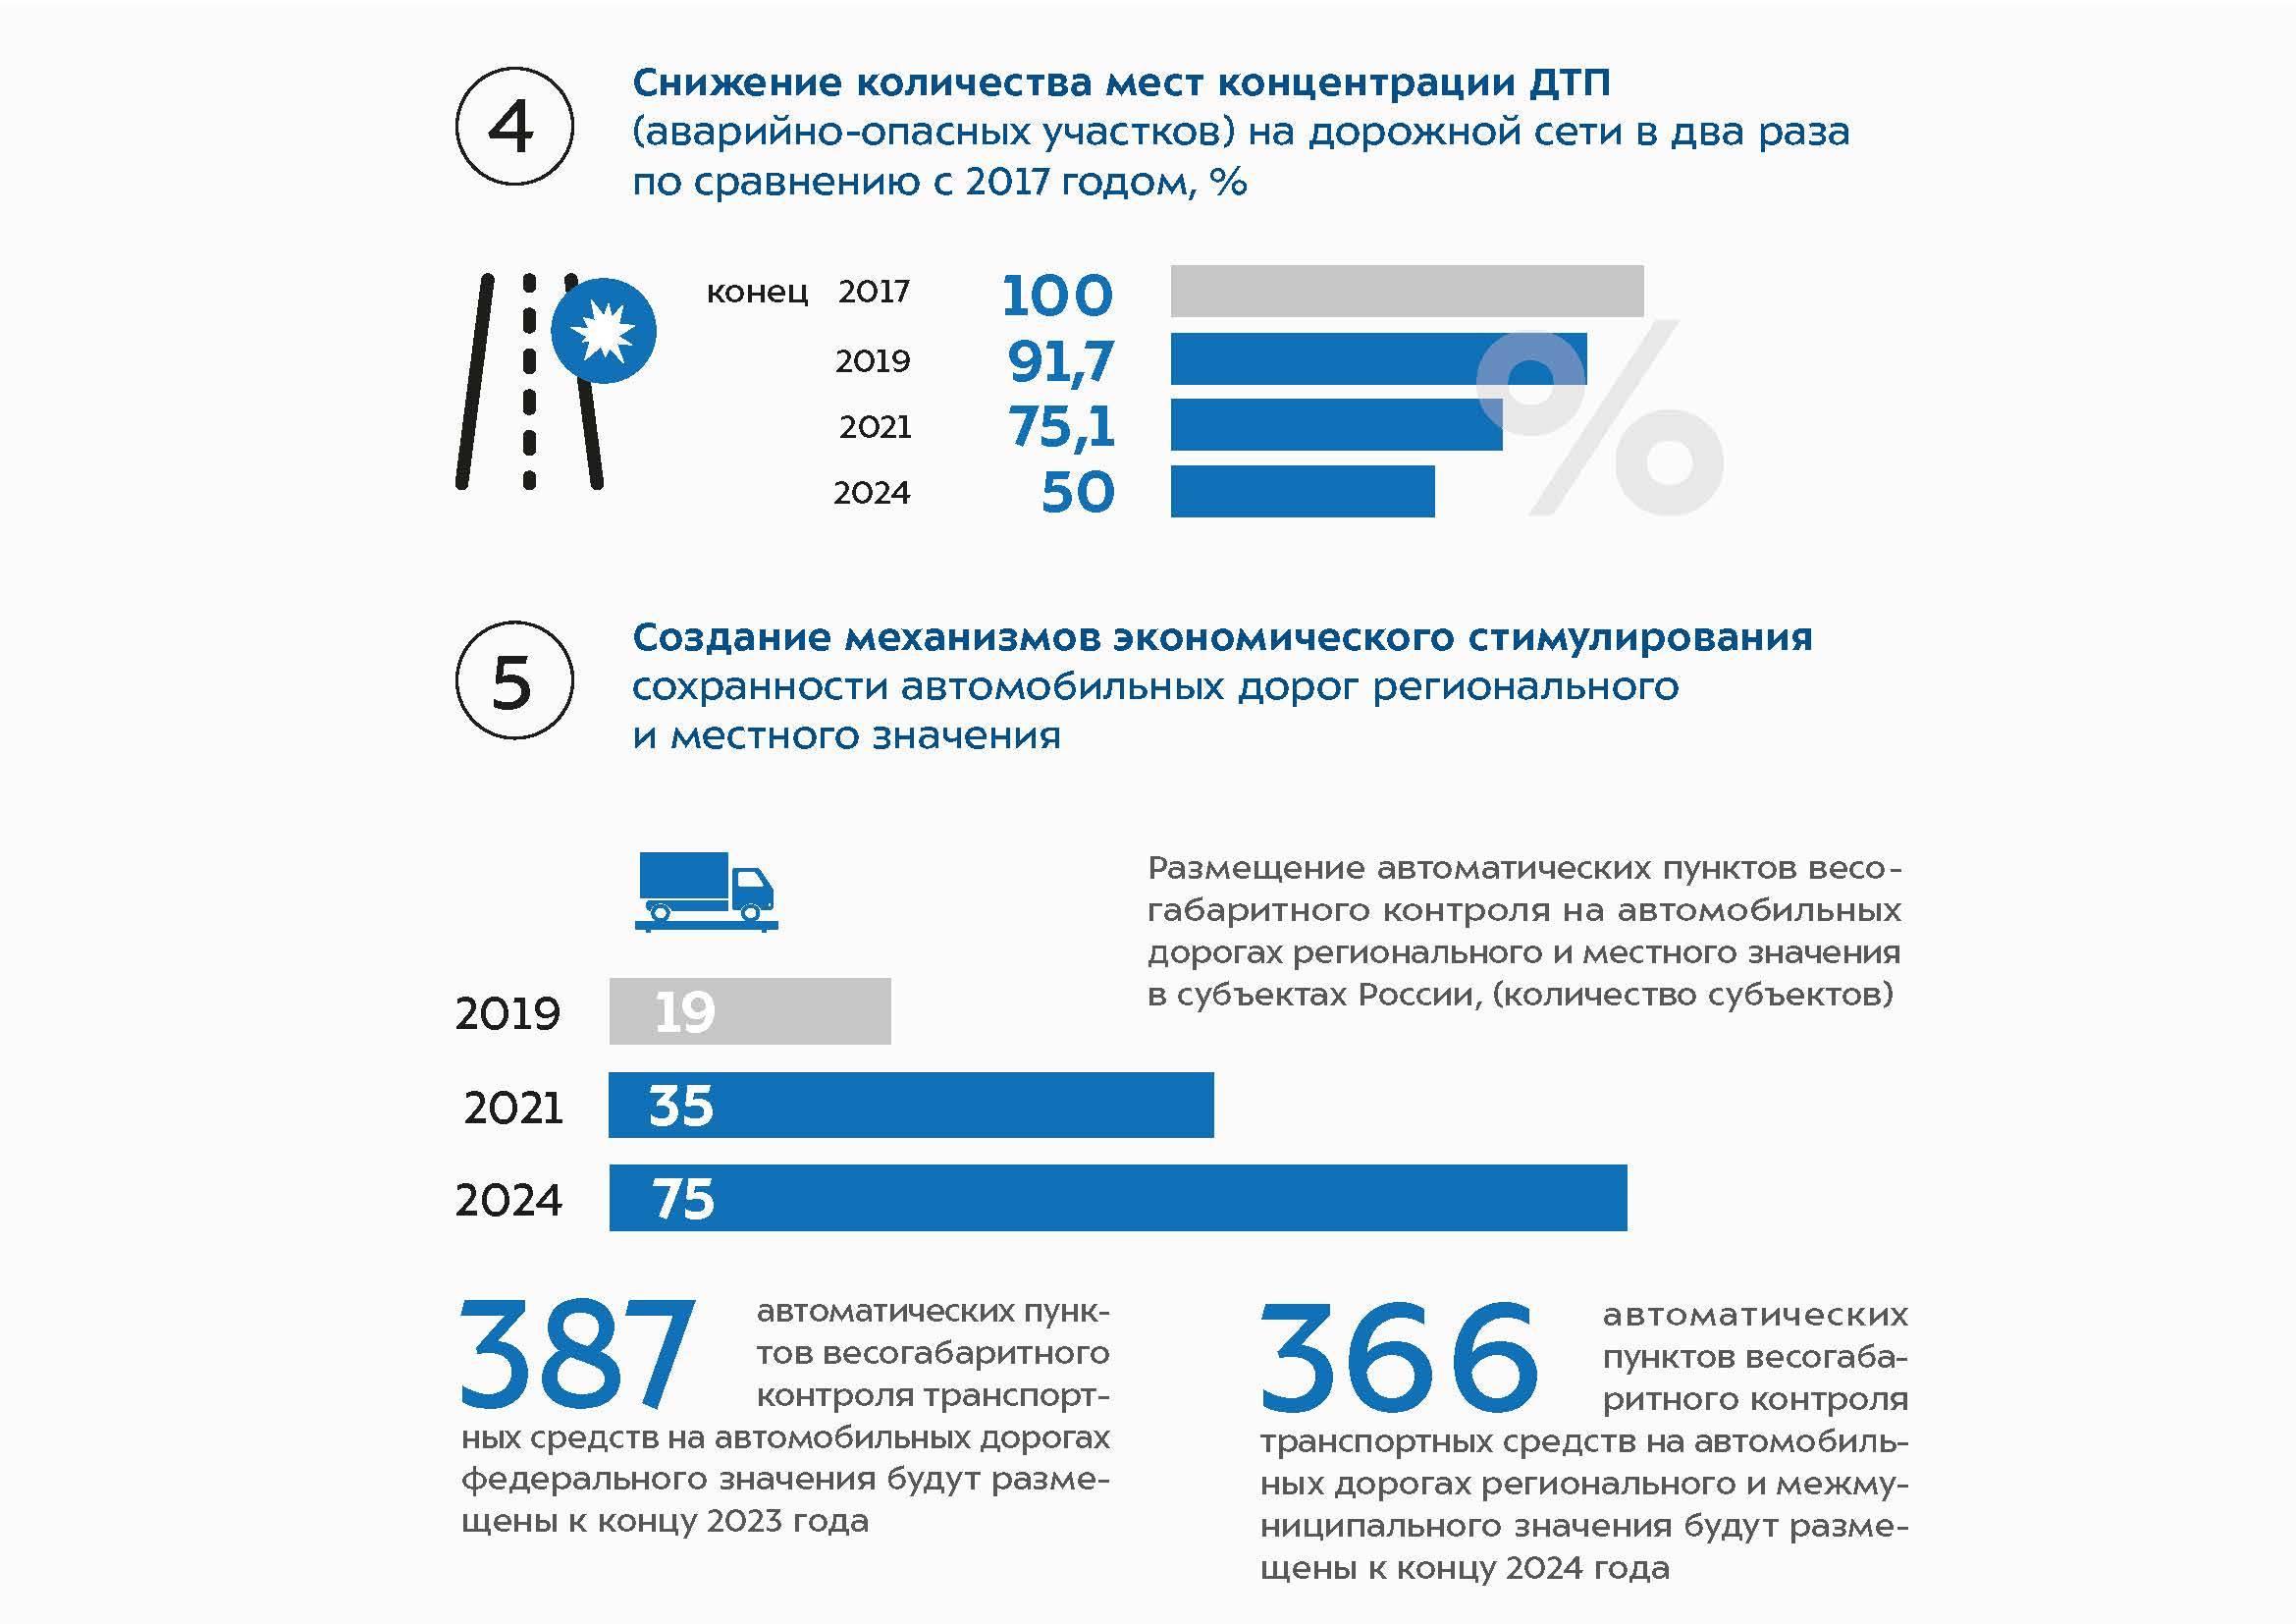 Поездка в болгарию на машине — 2021: советы и отзывы